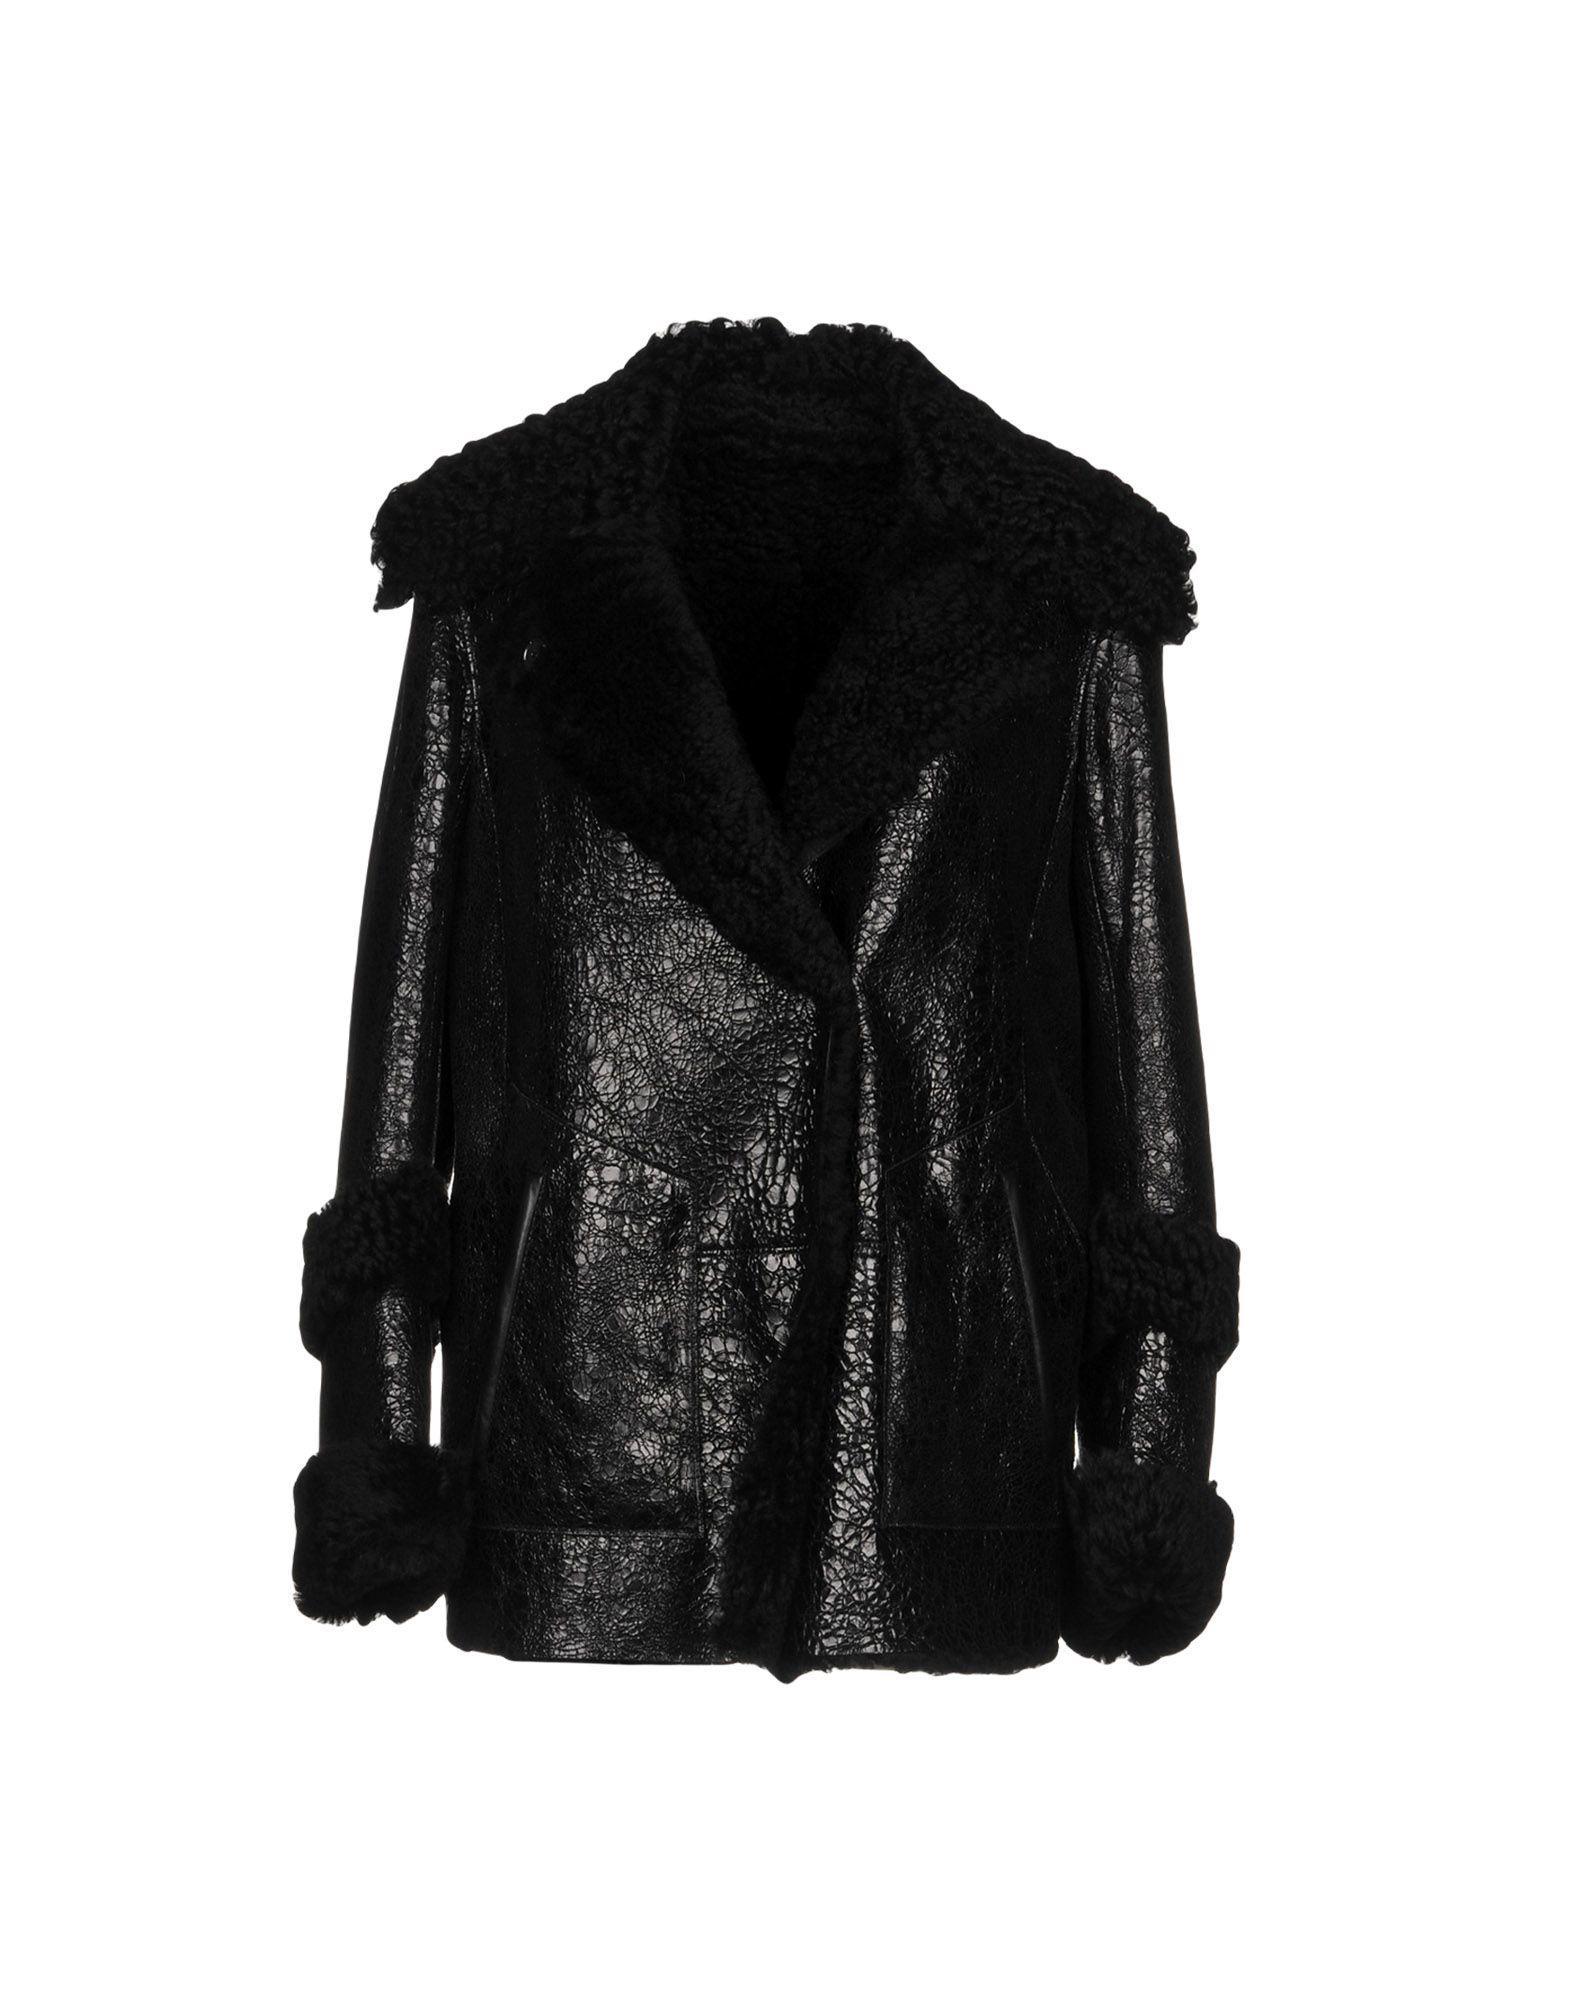 Sylvie Schimmel Coats In Black